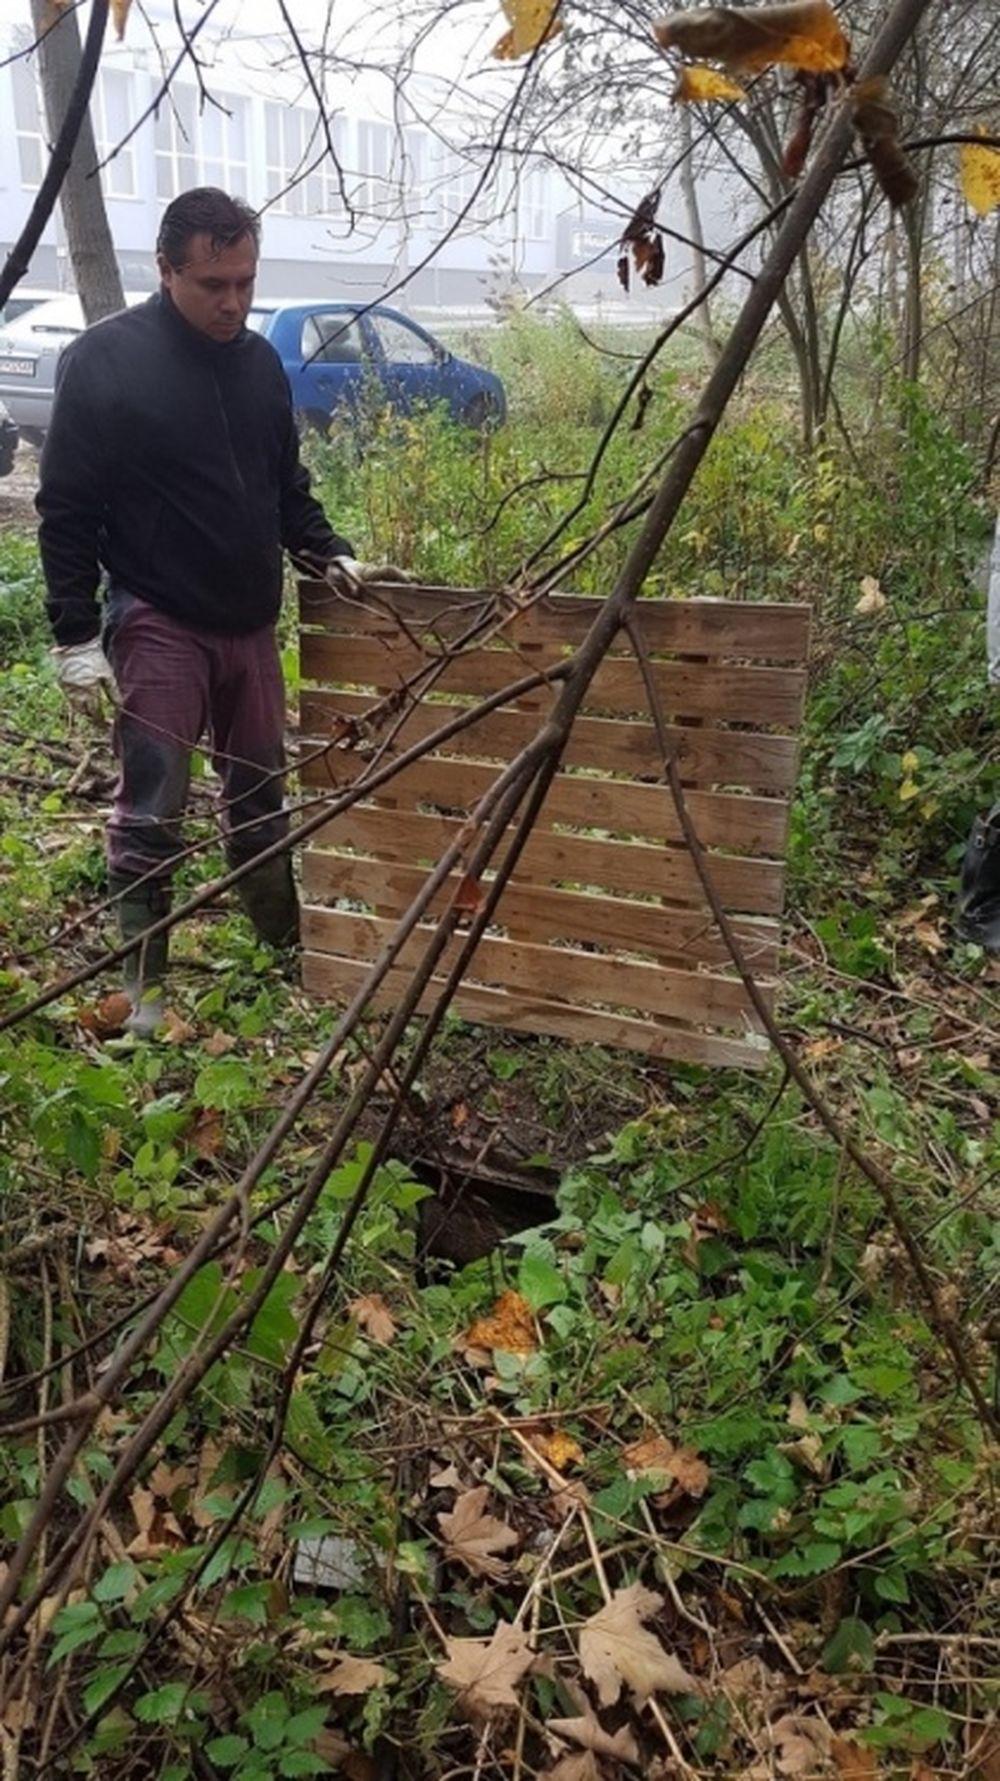 FOTO: Dobrovoľníci opäť vyčistili Čížov jarok v žilinskom lesoparku, foto 2